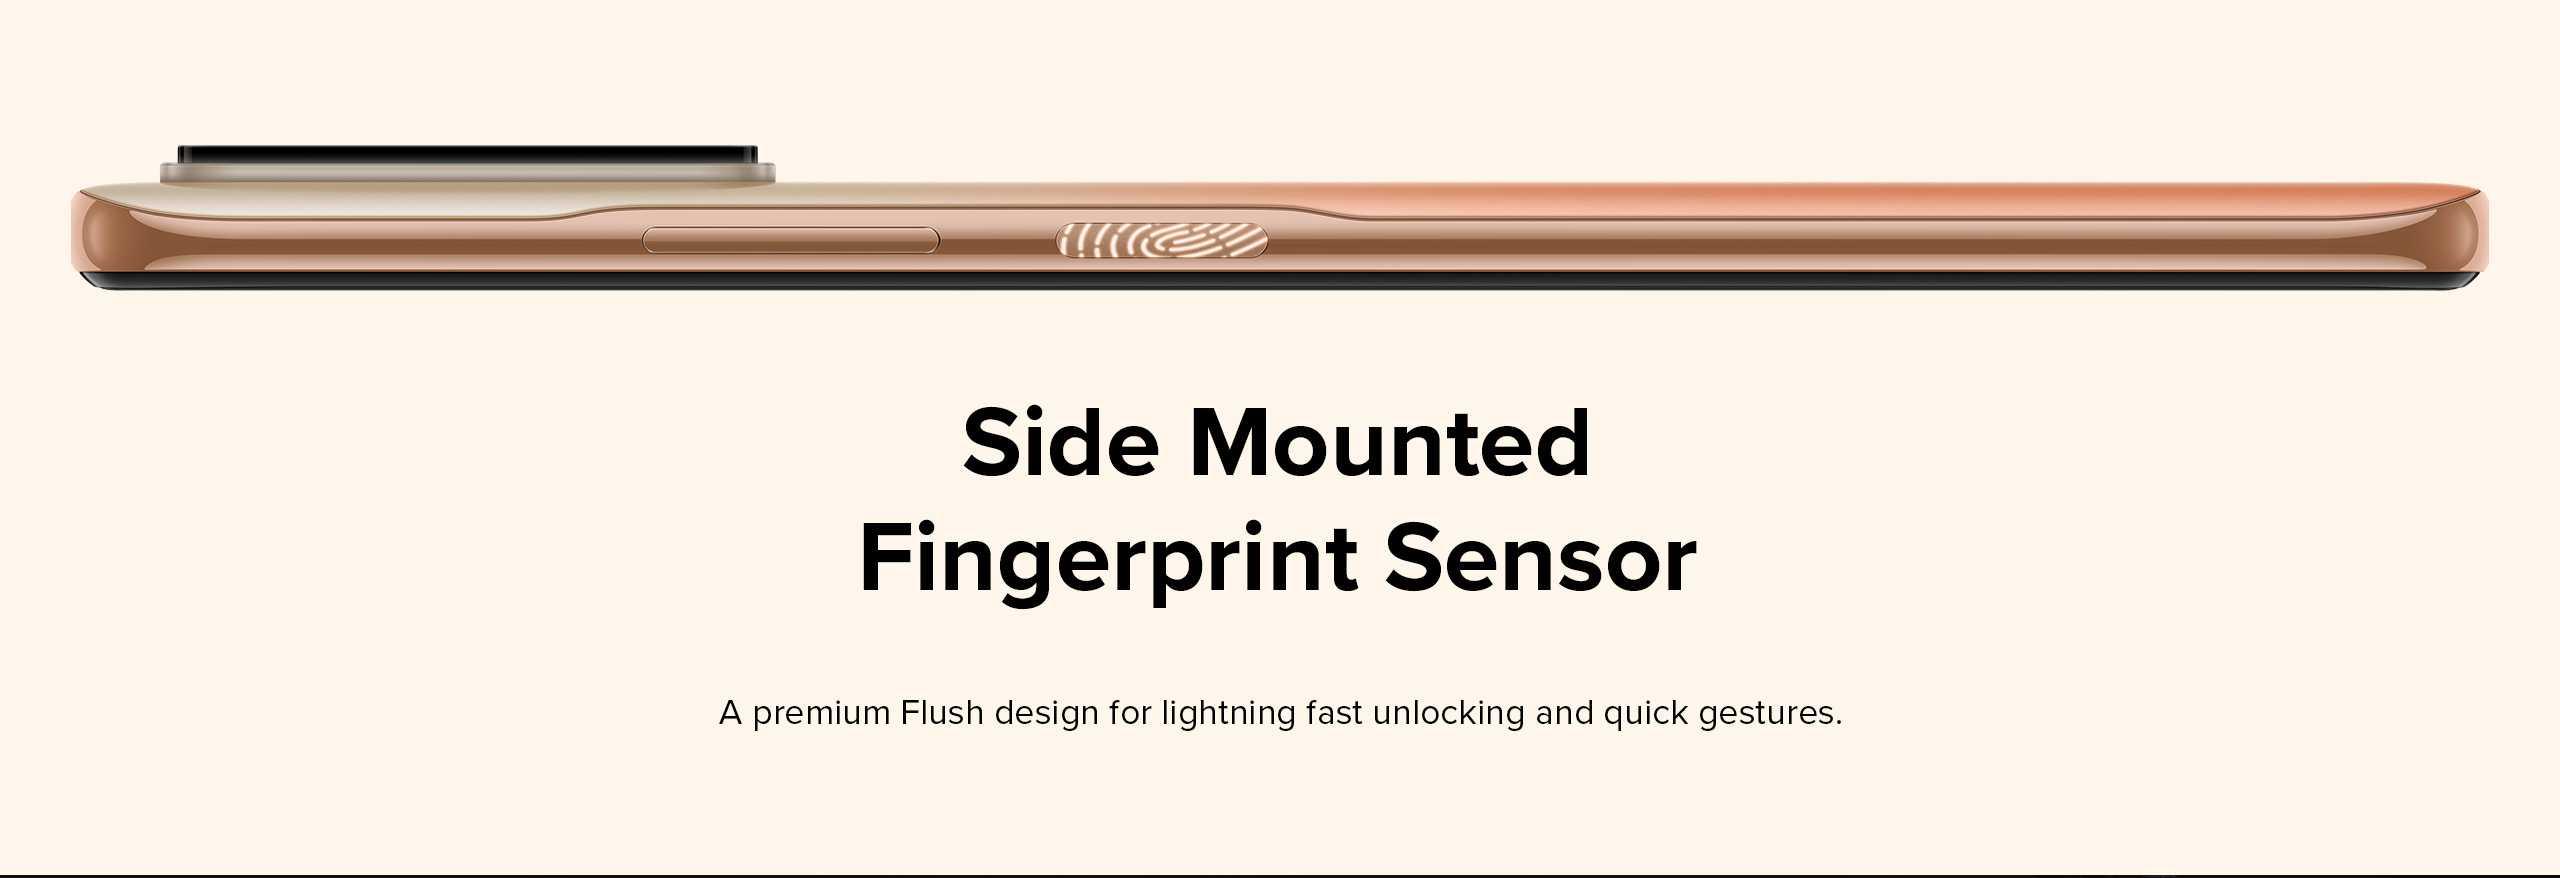 Redmi fingerprint sensor